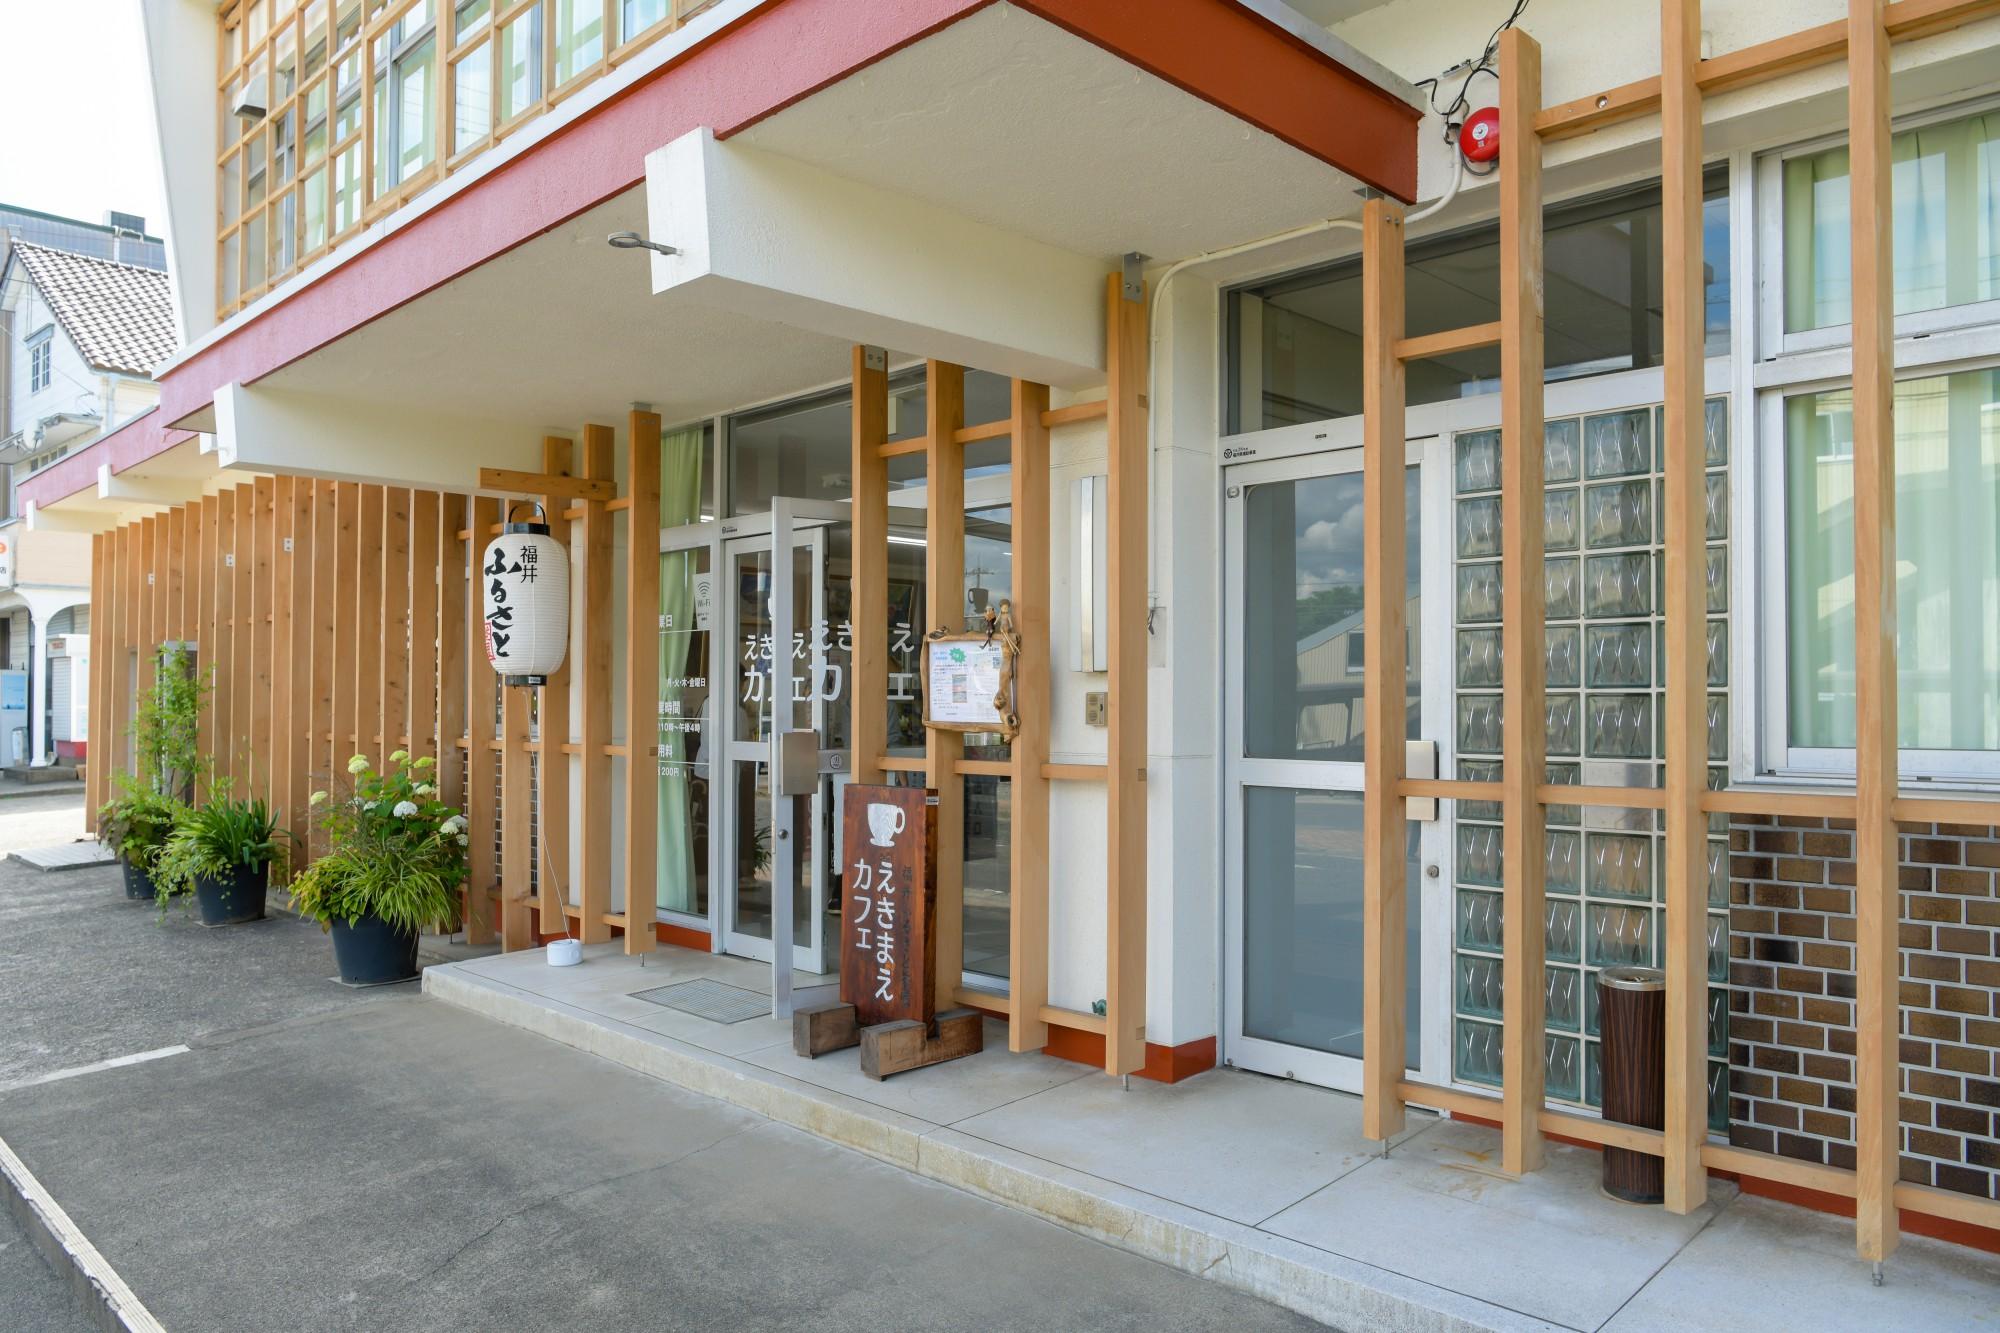 えきまえカフェ&売店(細呂木ふれあいセンター・らくーざ)